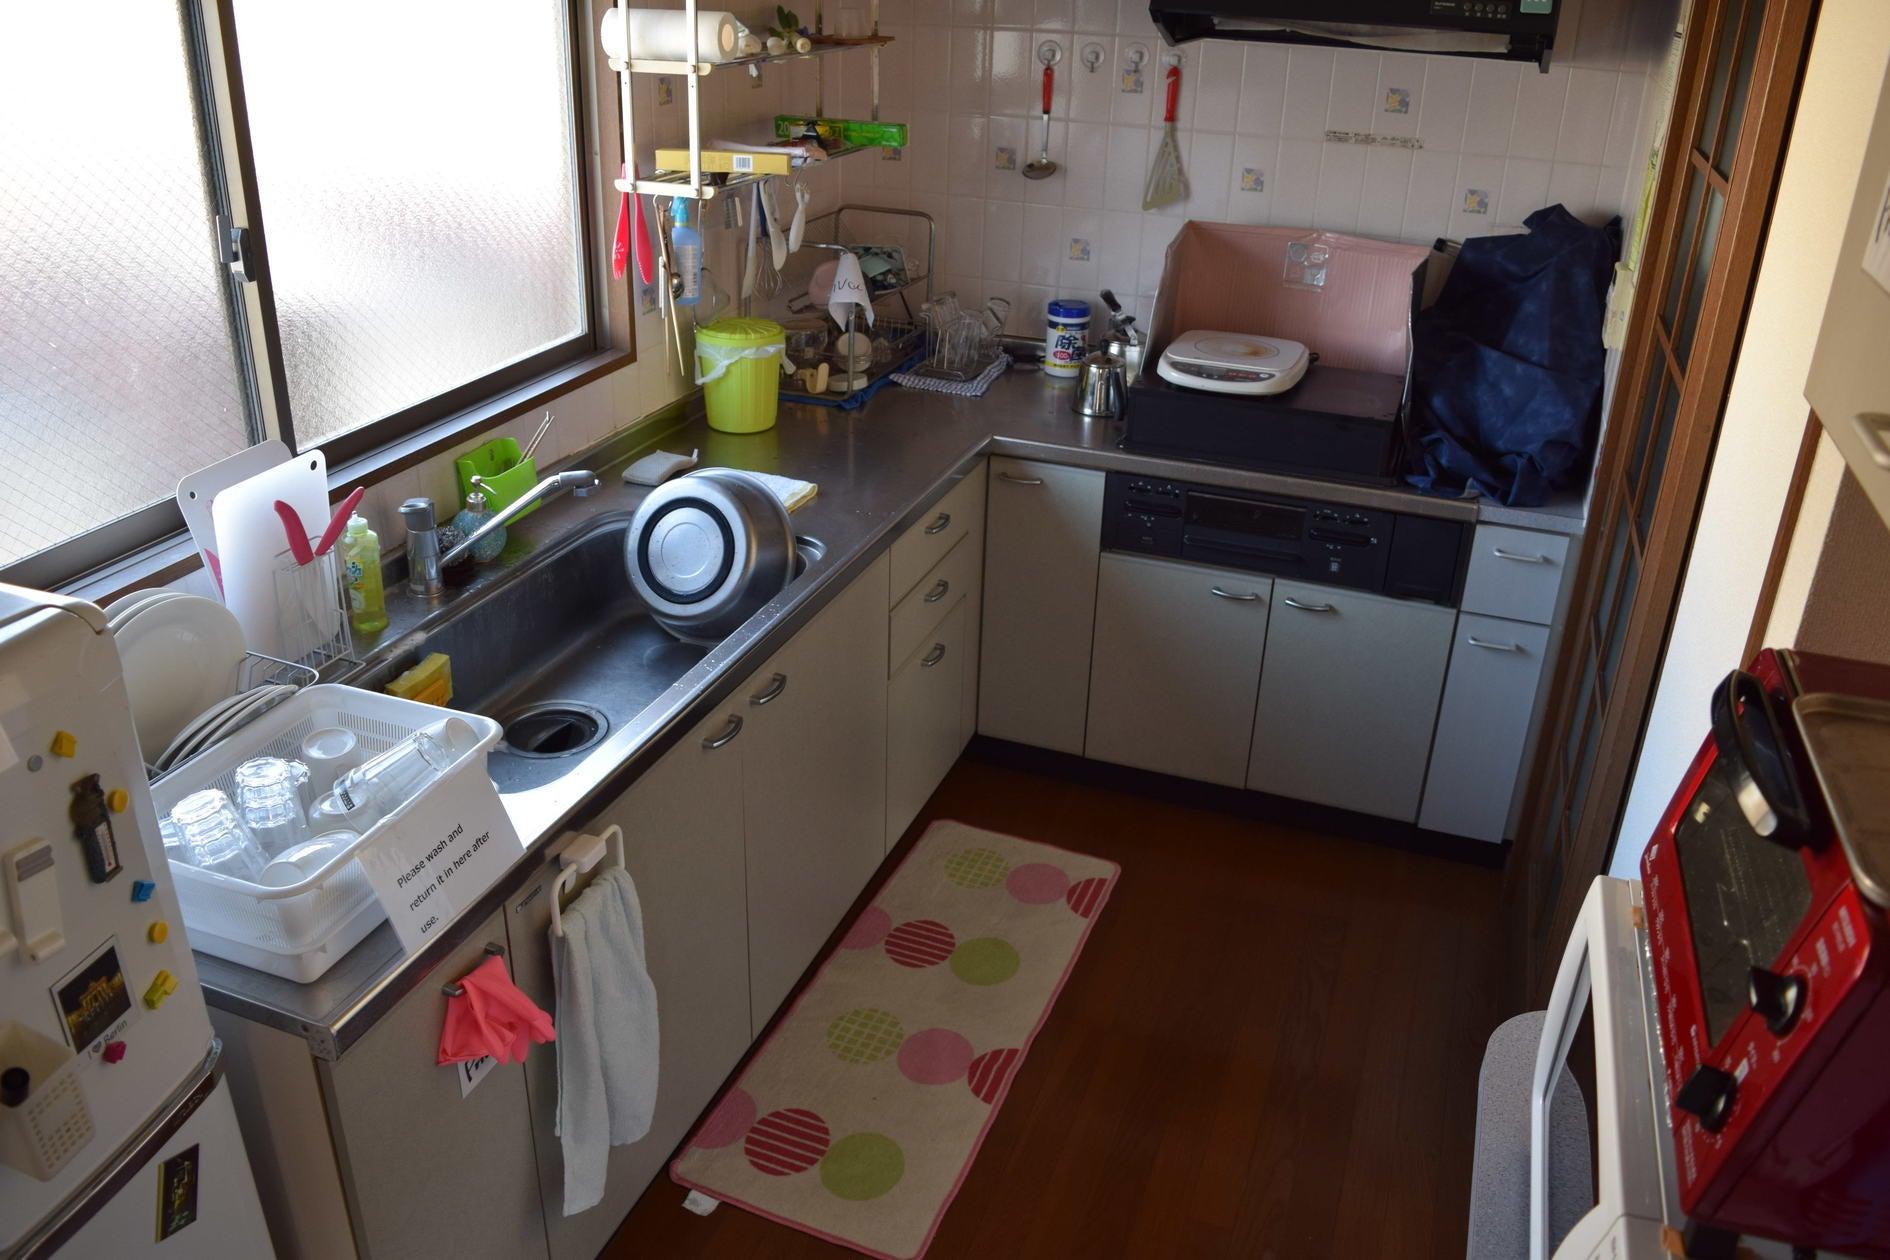 キッチンあります。トースターレンジ、コンロ(ガス三口+IH)ご用意あります。